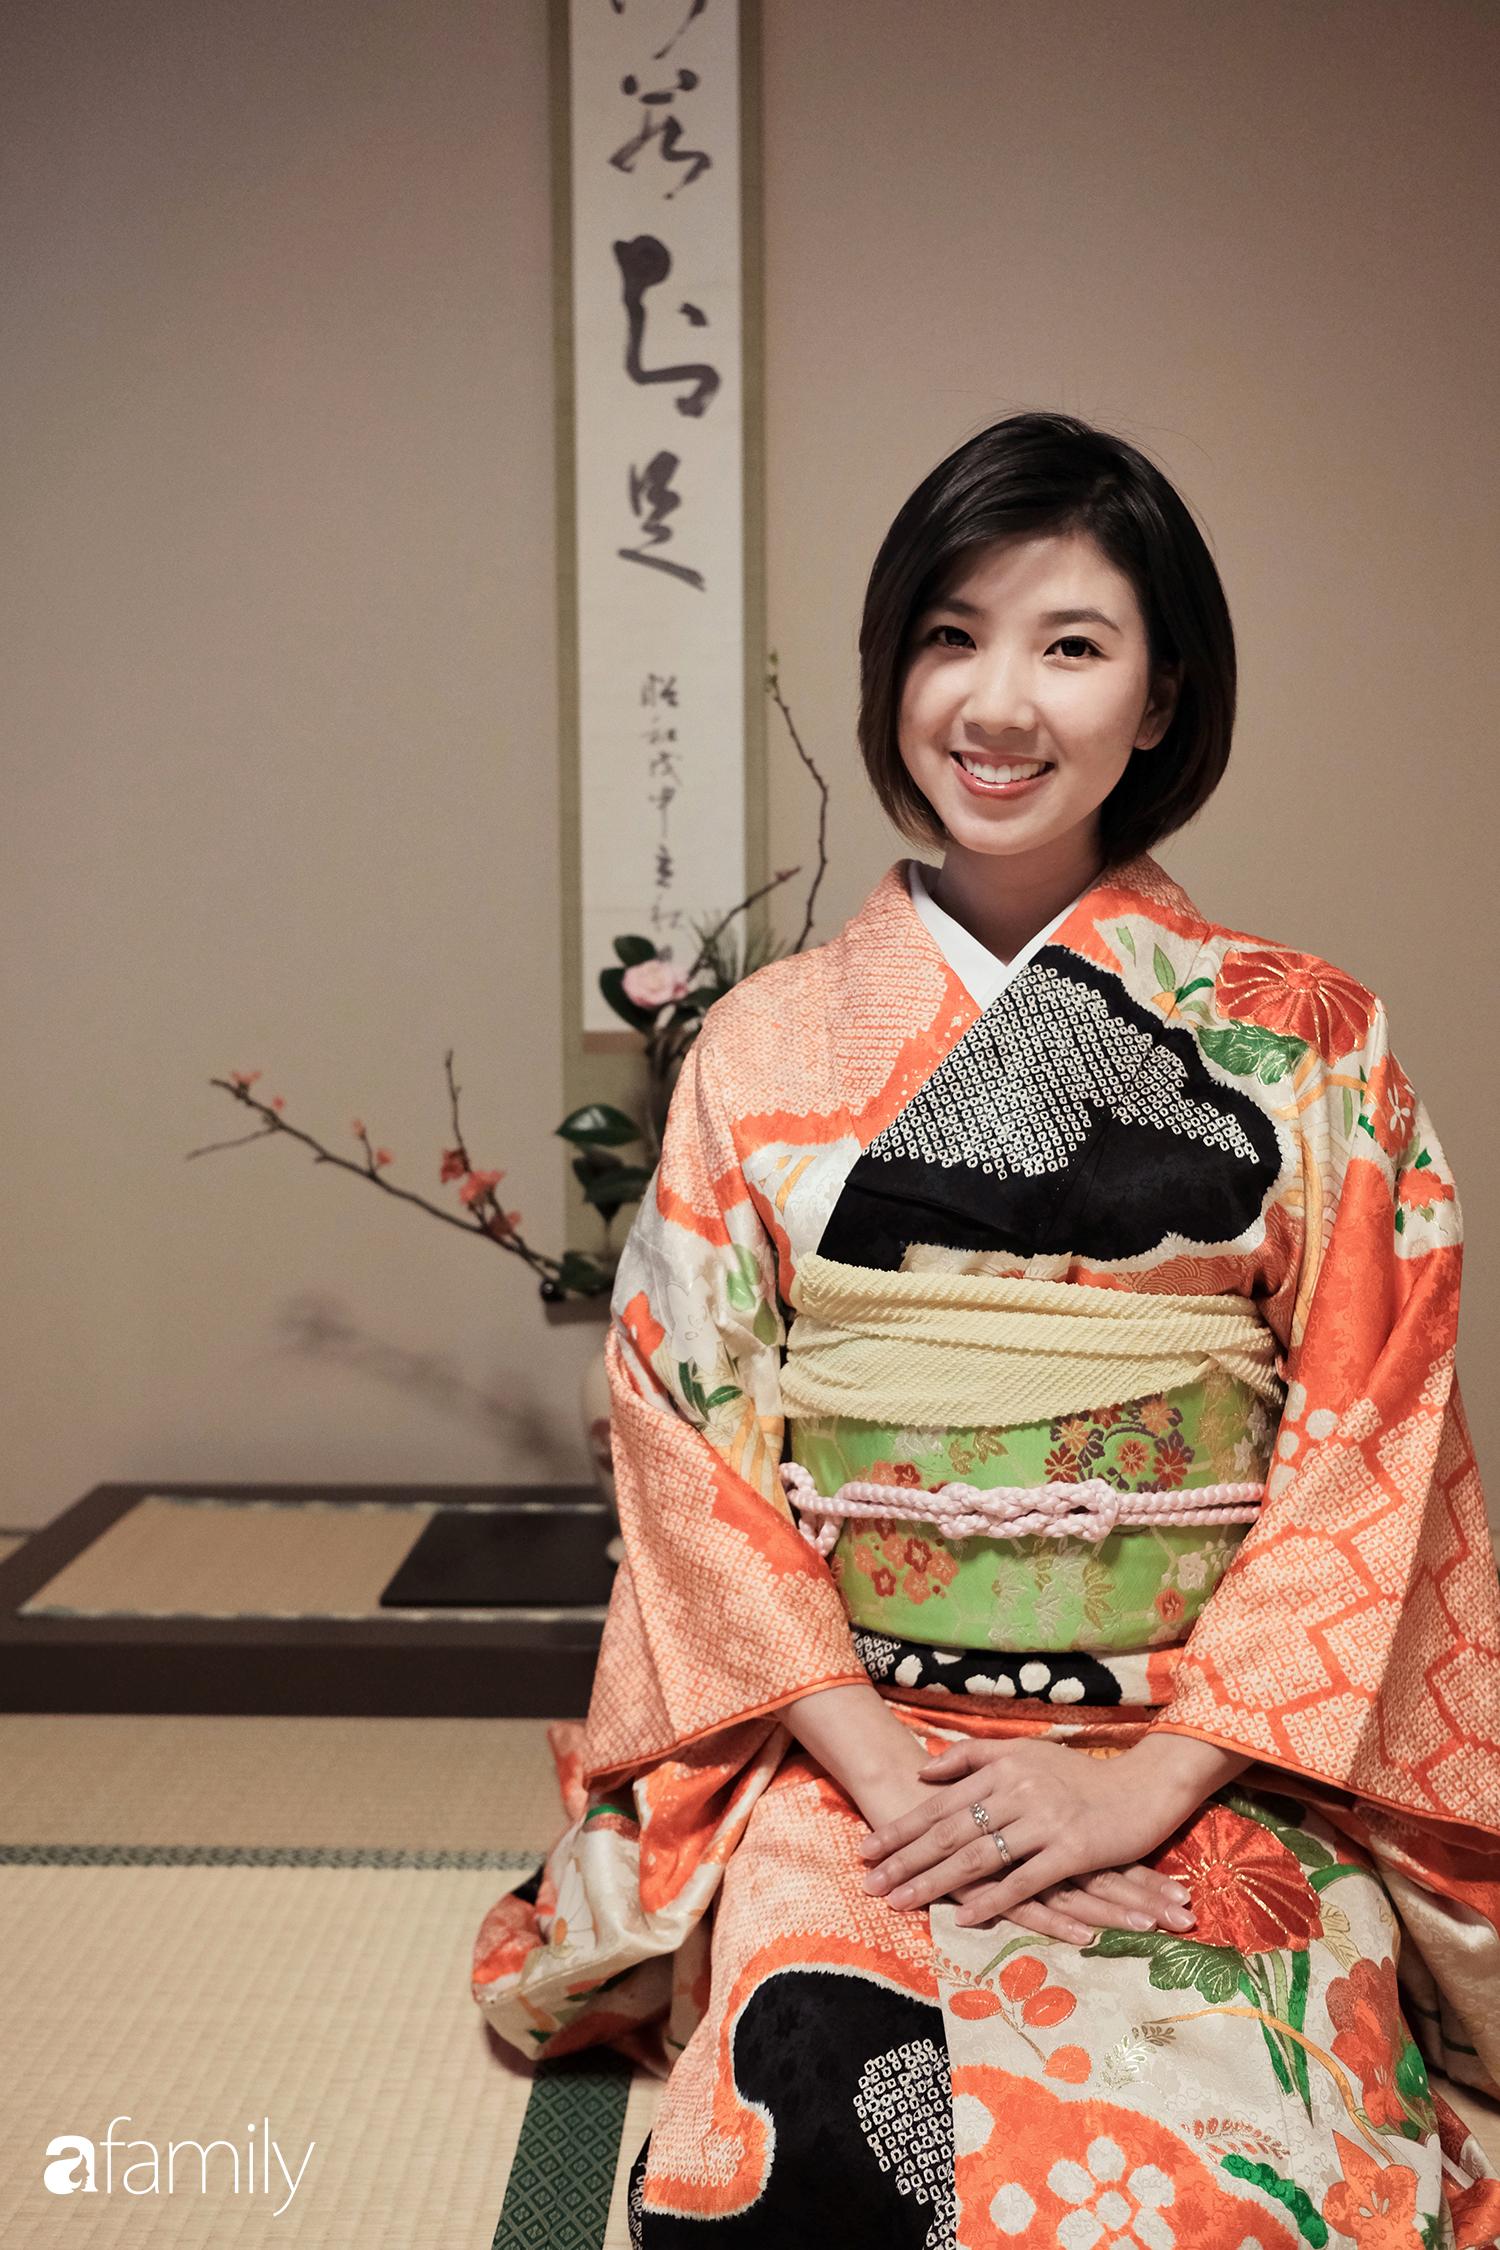 Rei Nguyễn - Nghệ sĩ nước hoa người Việt đầu tiên tổ chức triển lãm tại Nhật Bản, từ bỏ nghề Ngân hàng để được cháy hết mình trong thế giới mùi hương - Ảnh 4.